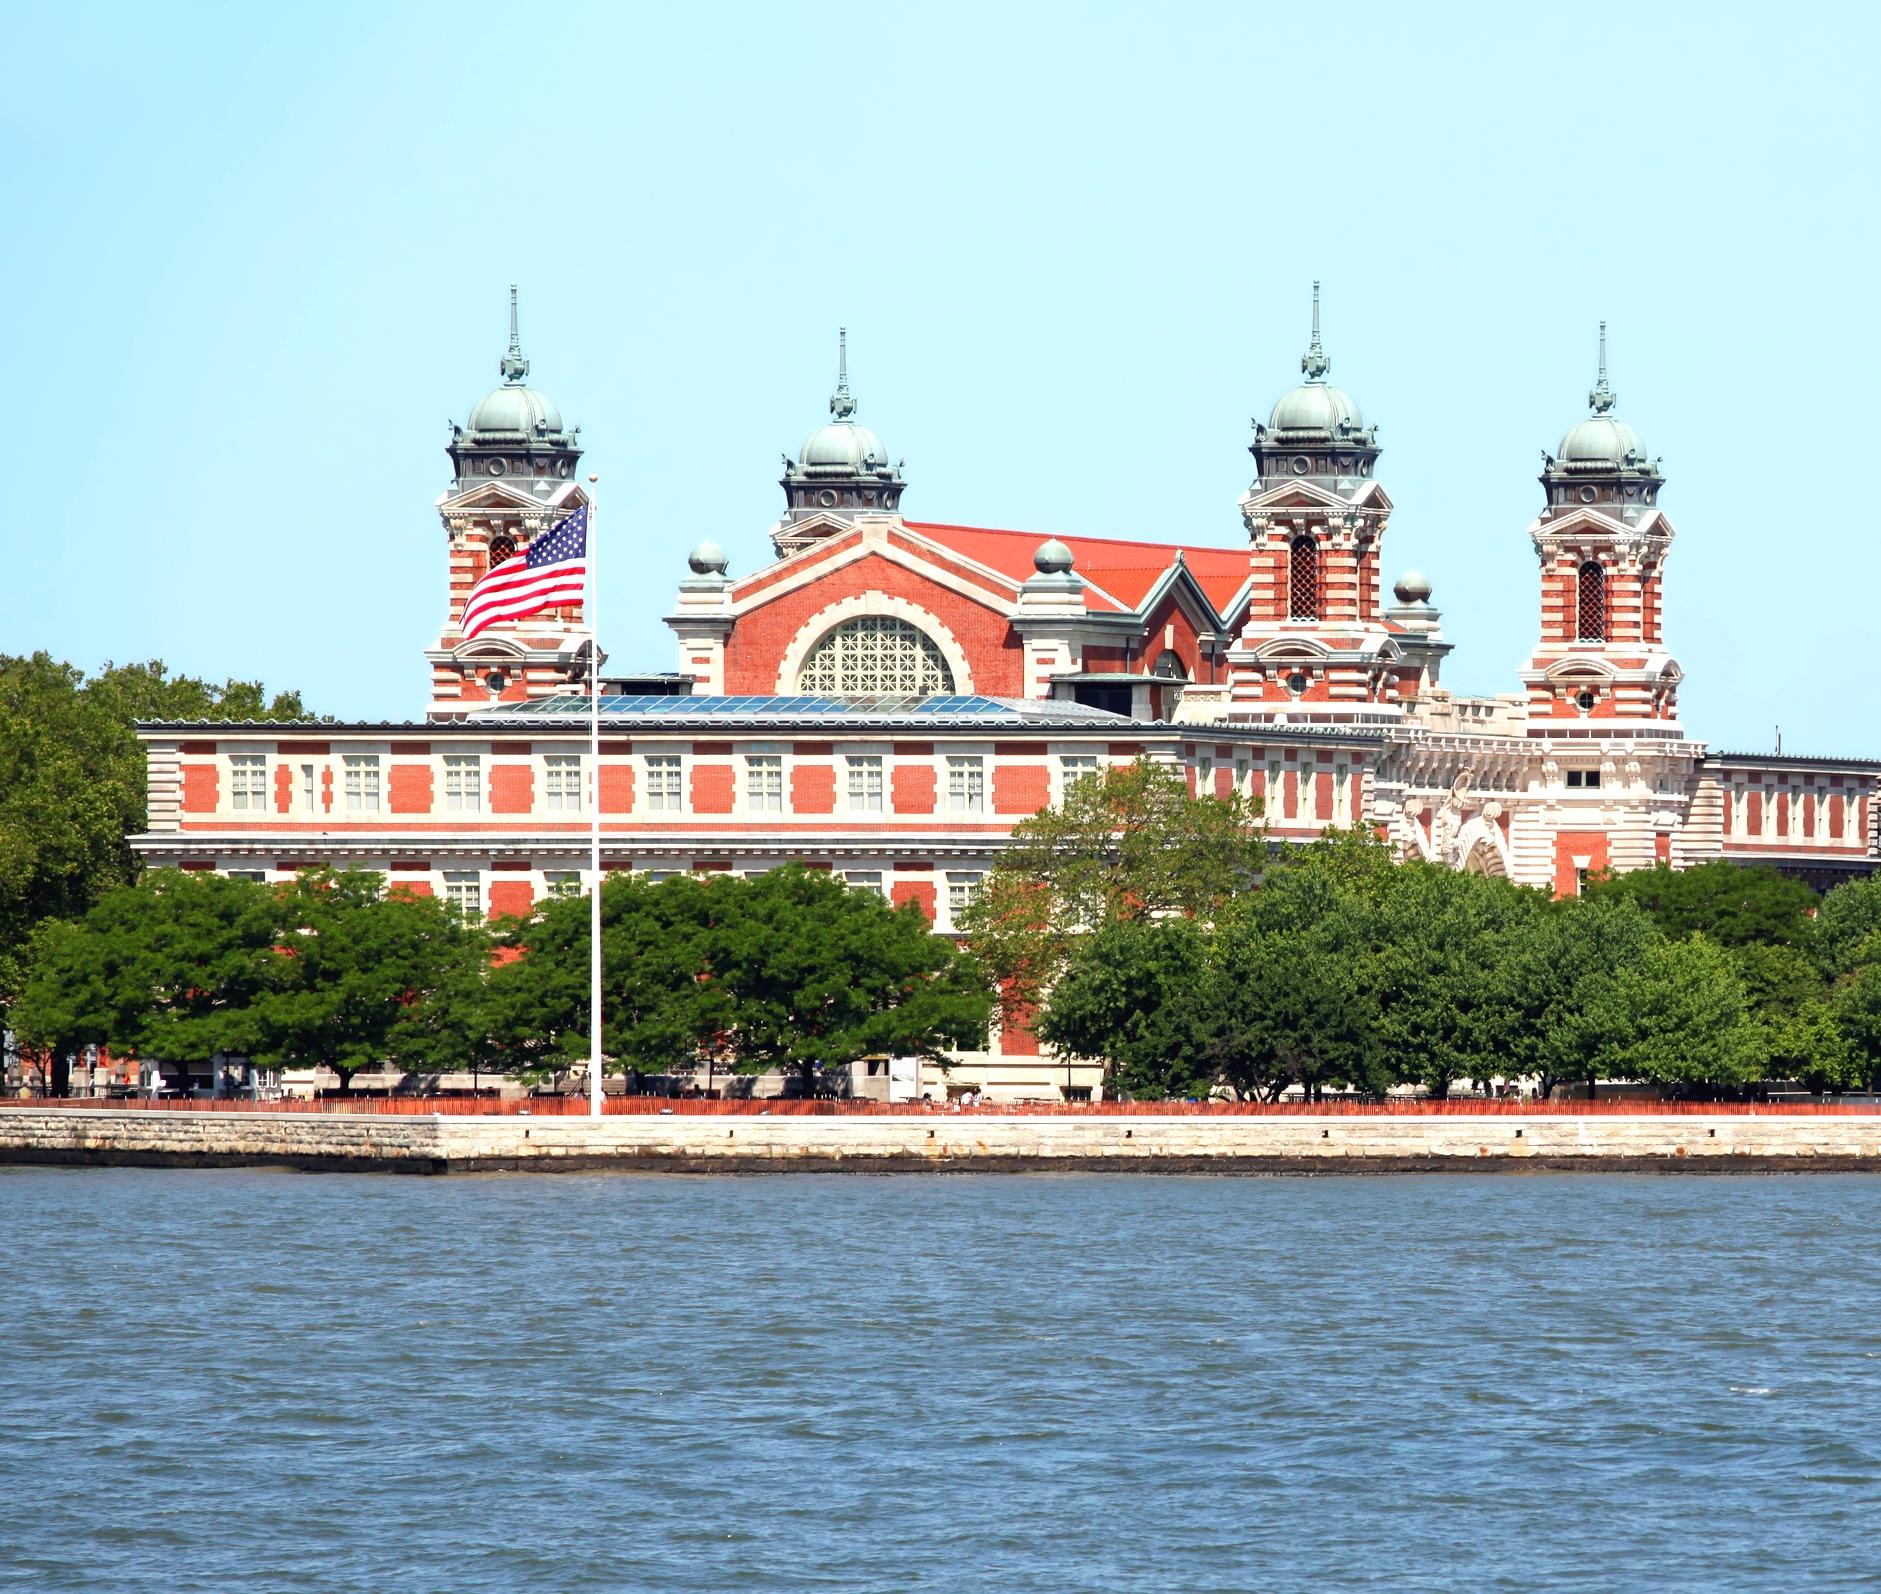 Tour Ellis Island